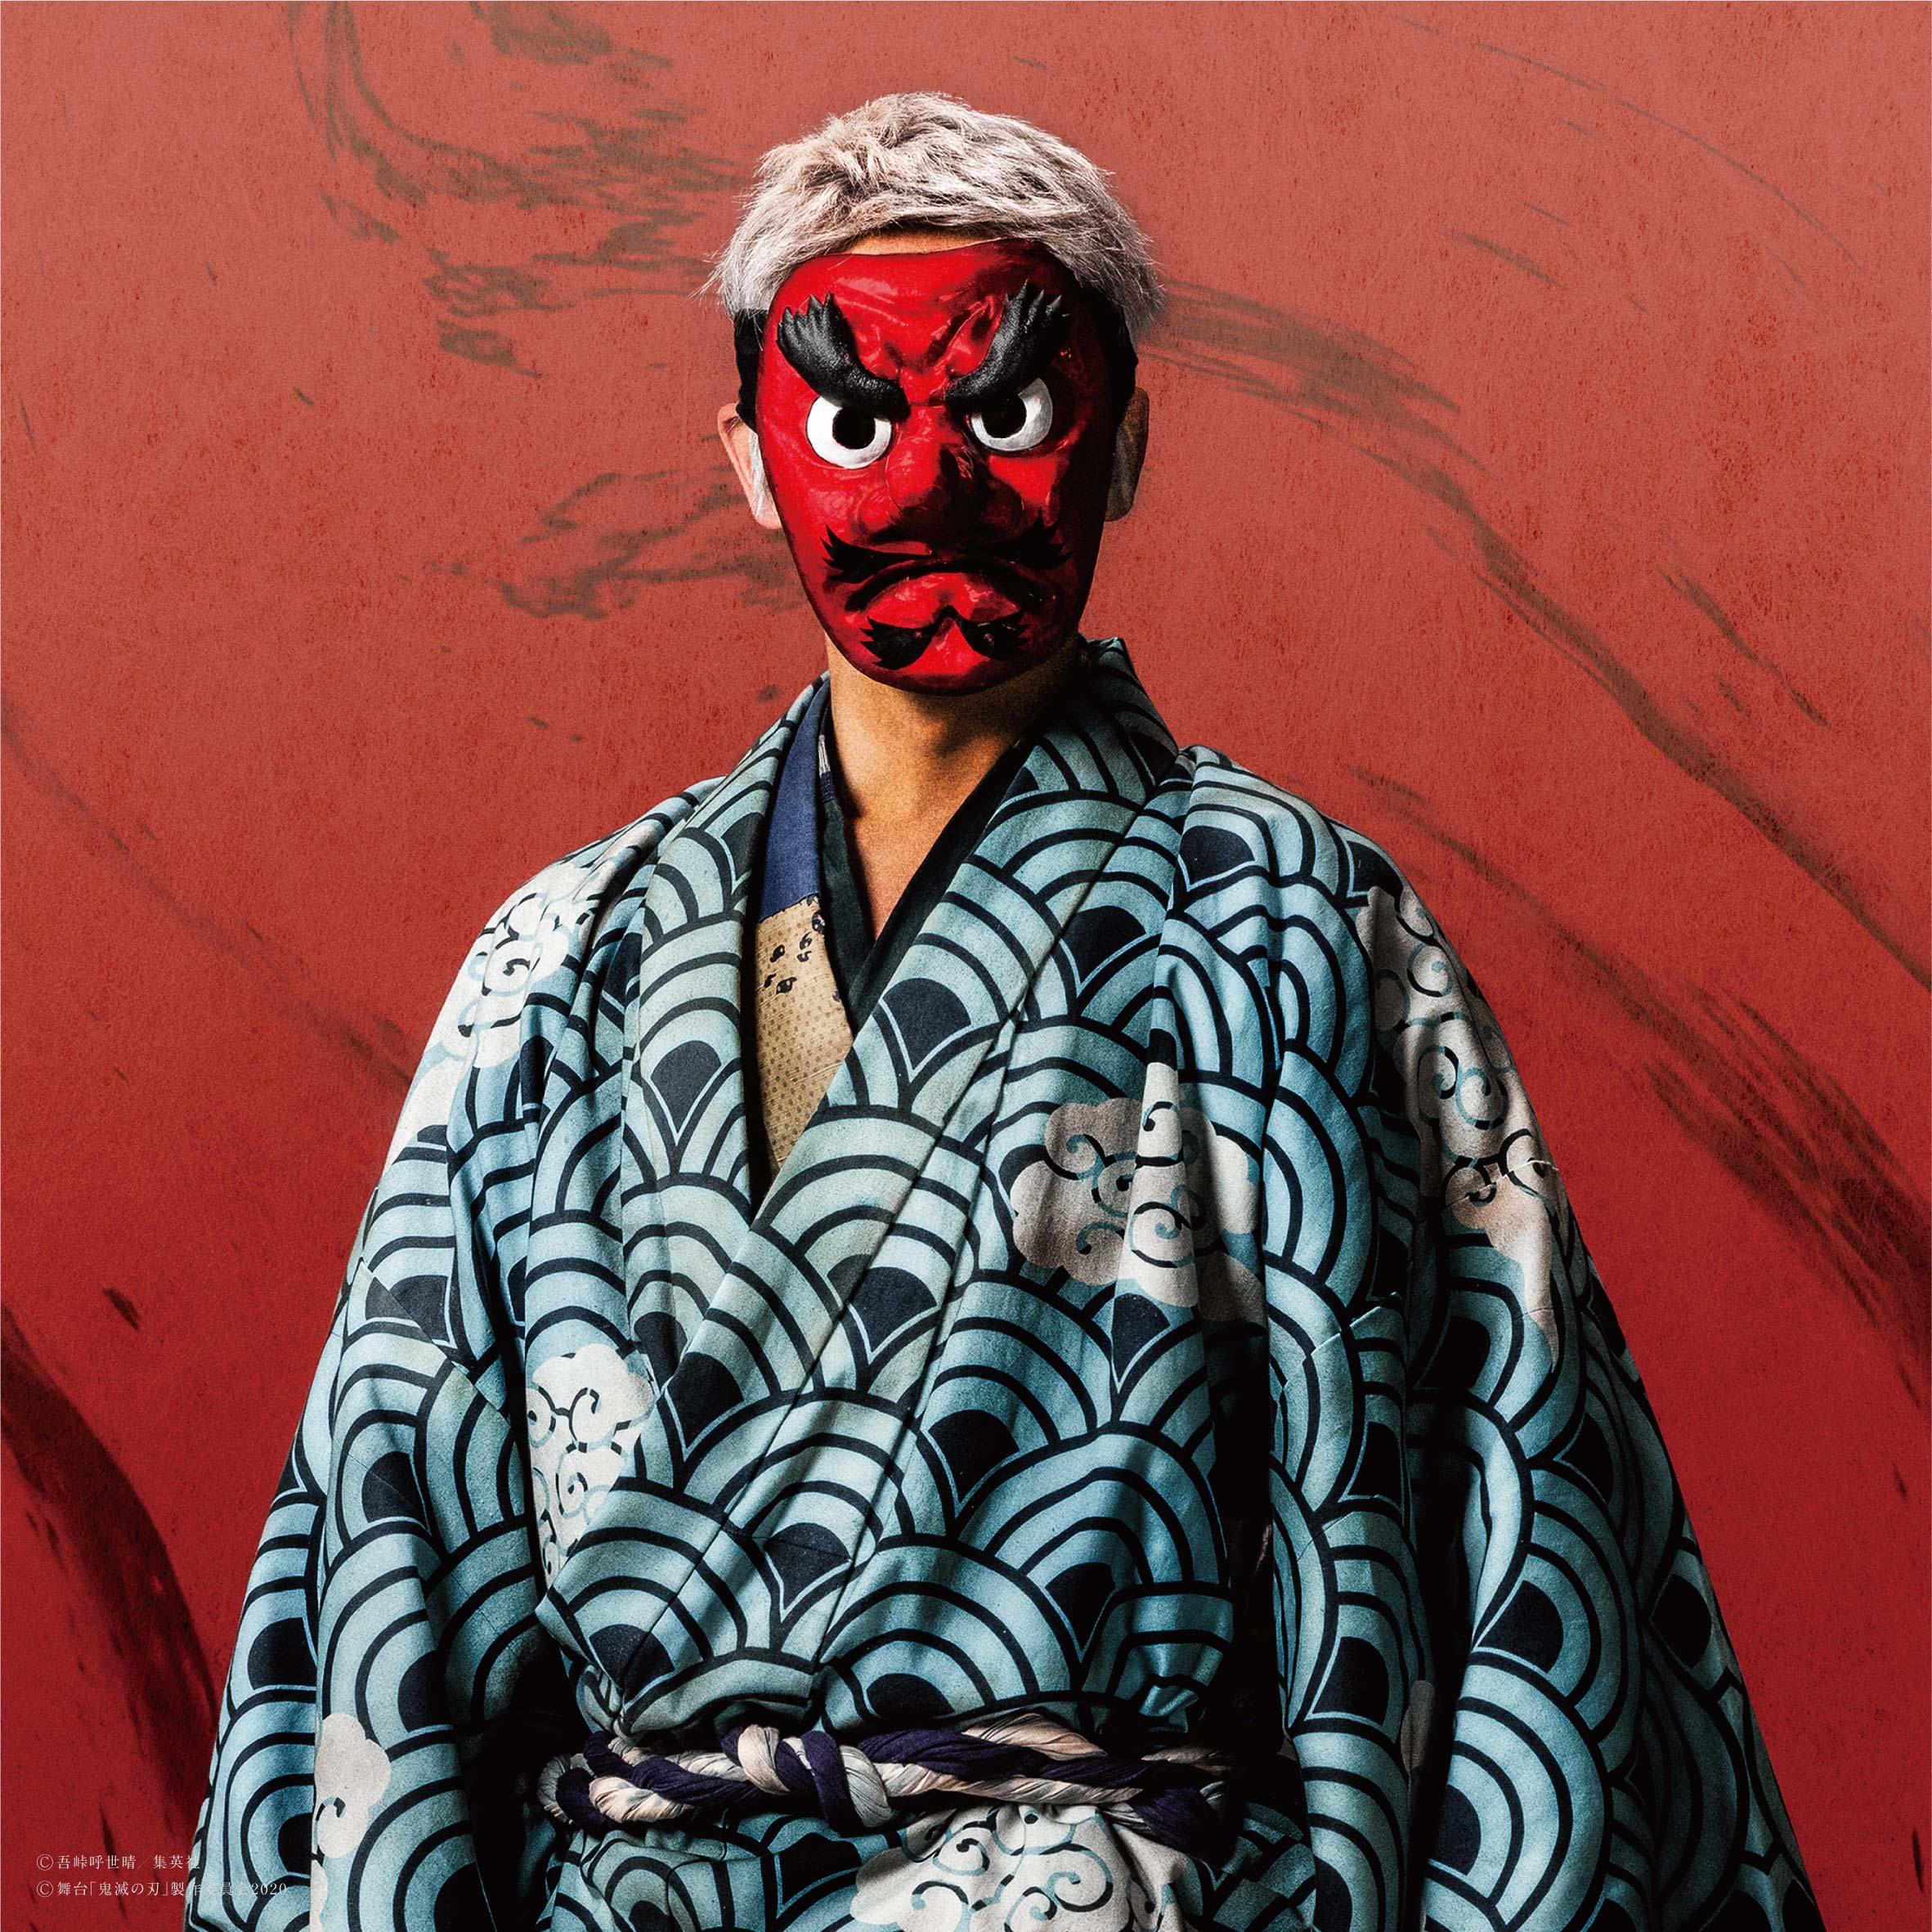 舞台「鬼滅の刃」から、佐々木喜英演じる炭治郎の仇敵・鬼舞辻無惨のソロビジュアルがお披露目 イメージ画像